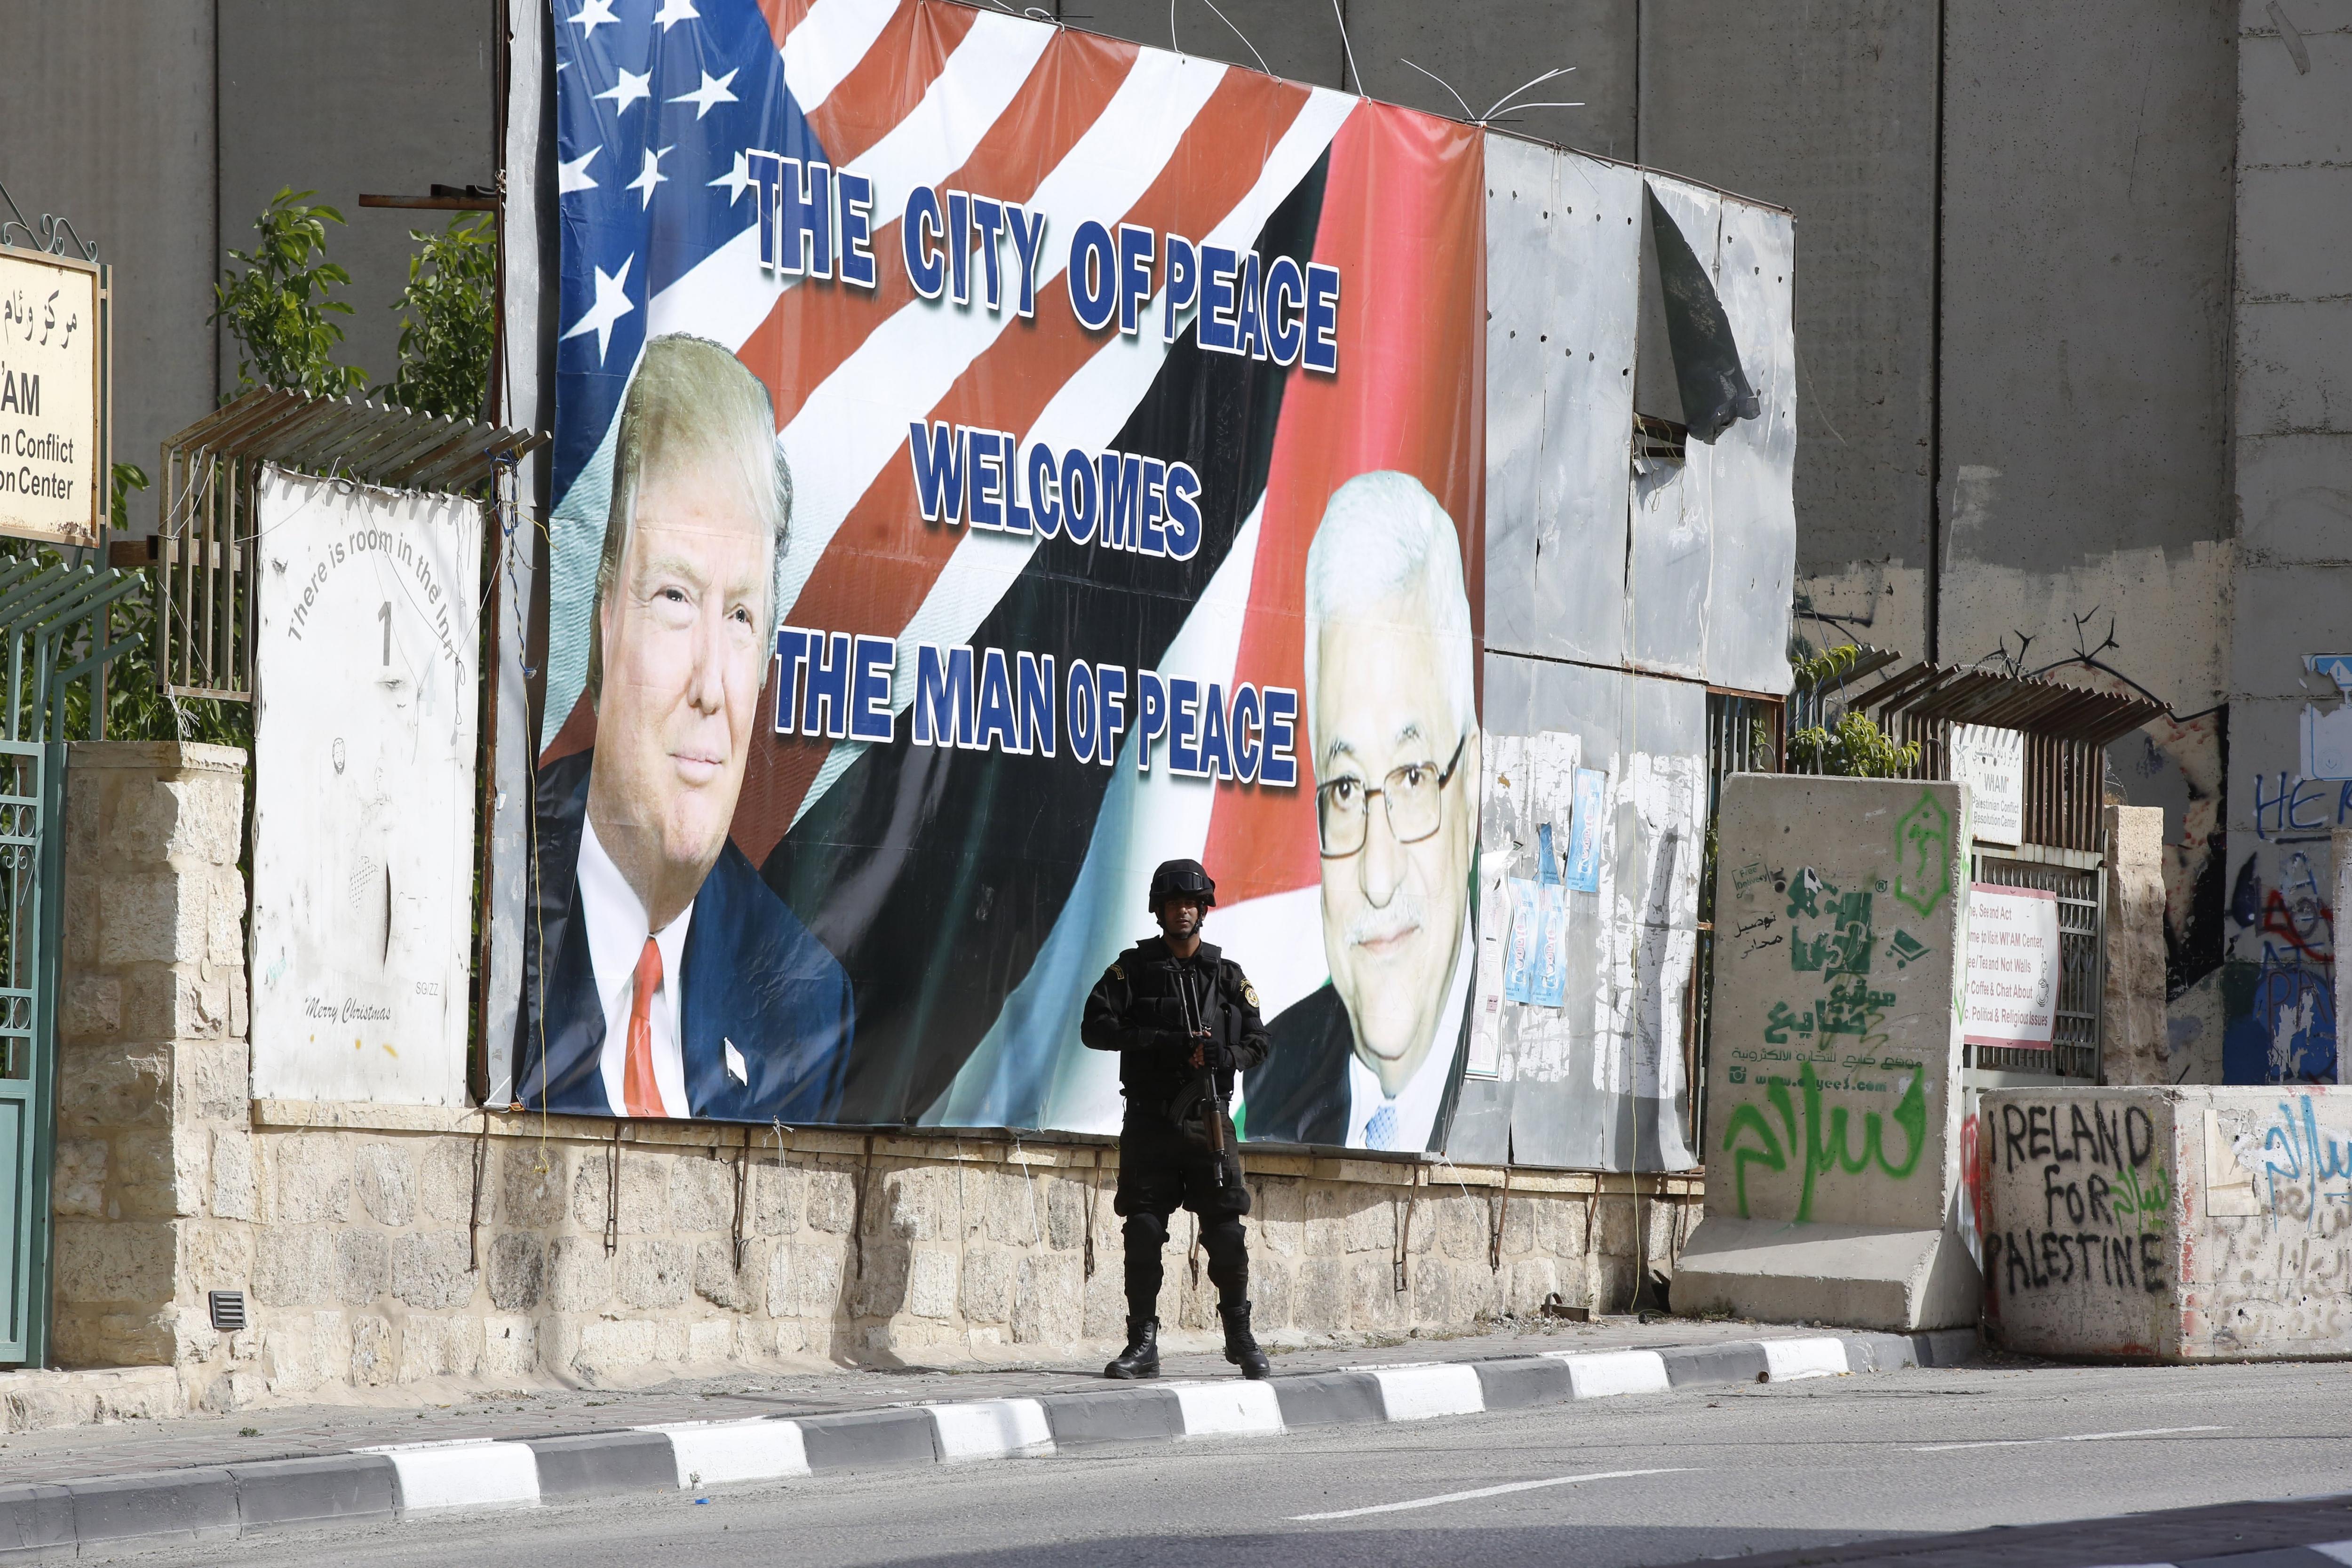 Un soldat palestí fa guàrdia al costat d'una pancarta en la qual es pot llegir 'La ciutat de la pau dóna la benvinguda a l'home de la pau' en la qual apareixen les fotografies del president palestí, Mahmud Abás, i del president dels EUA, Donald Trump, a Palestina. / ALAA BADARNEH